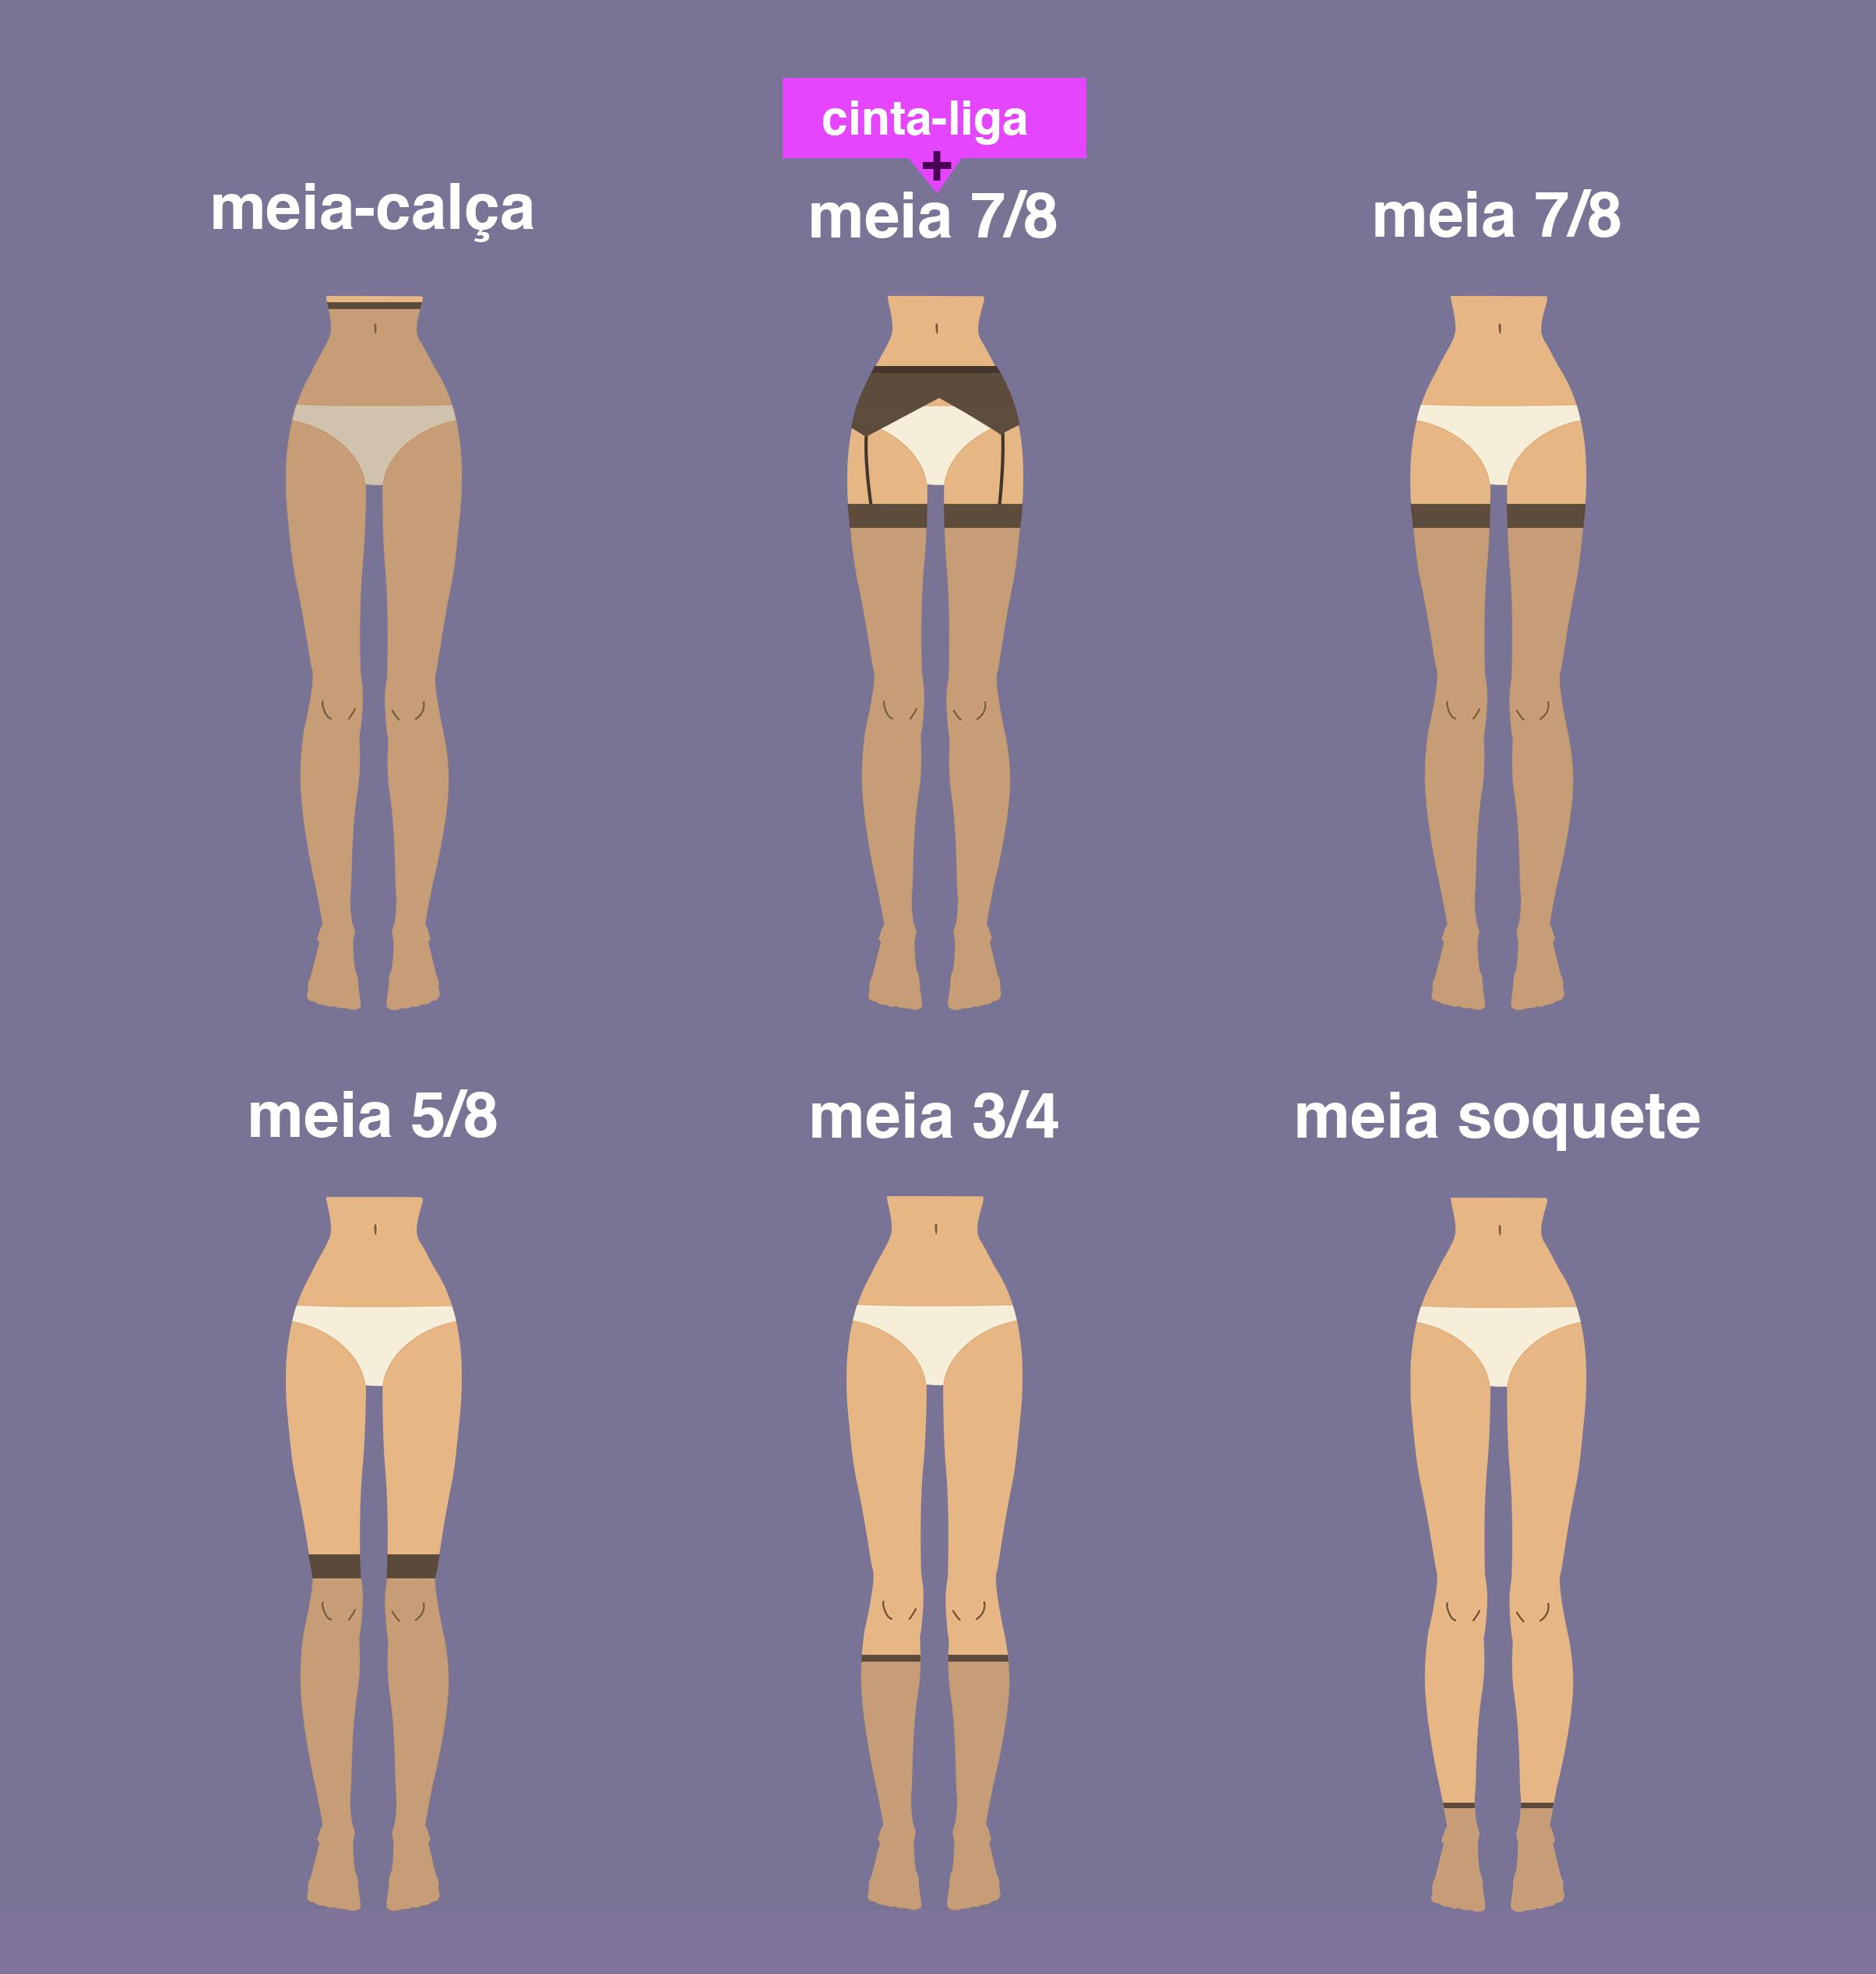 c9b3d518a Achei muito boa essa ilustração explicando de maneira bem didática as  diferenças entre meia-calça